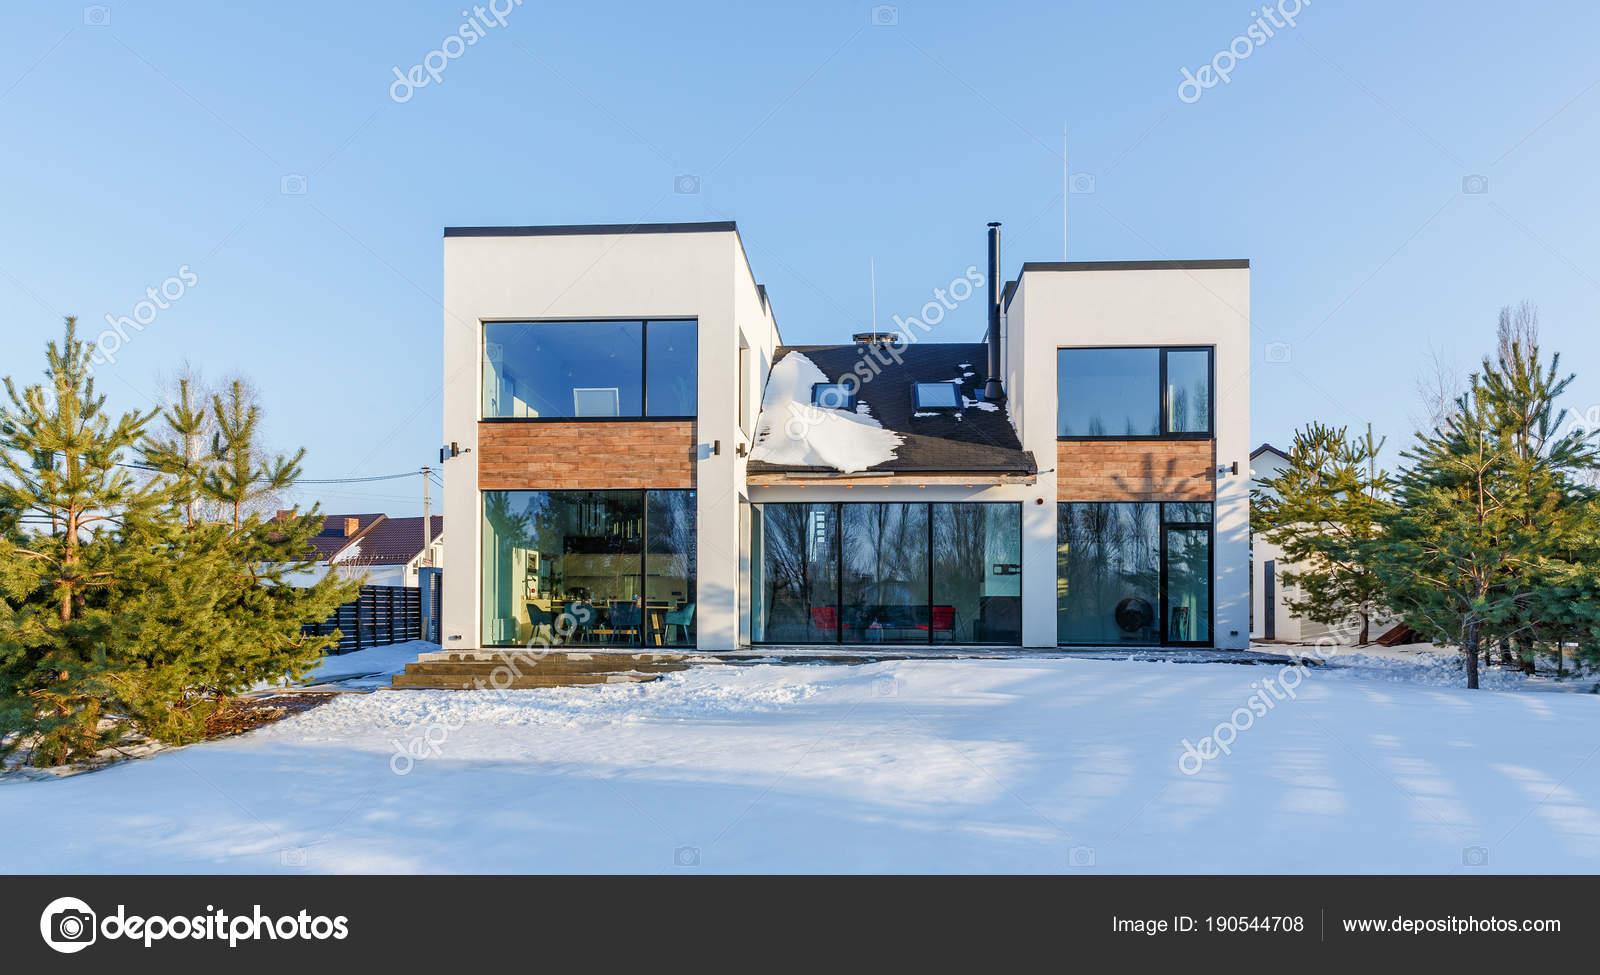 Une Maison Moderne Avec De Grandes Fenêtres Panoramiques Dans Le Fond De U2014  Photo